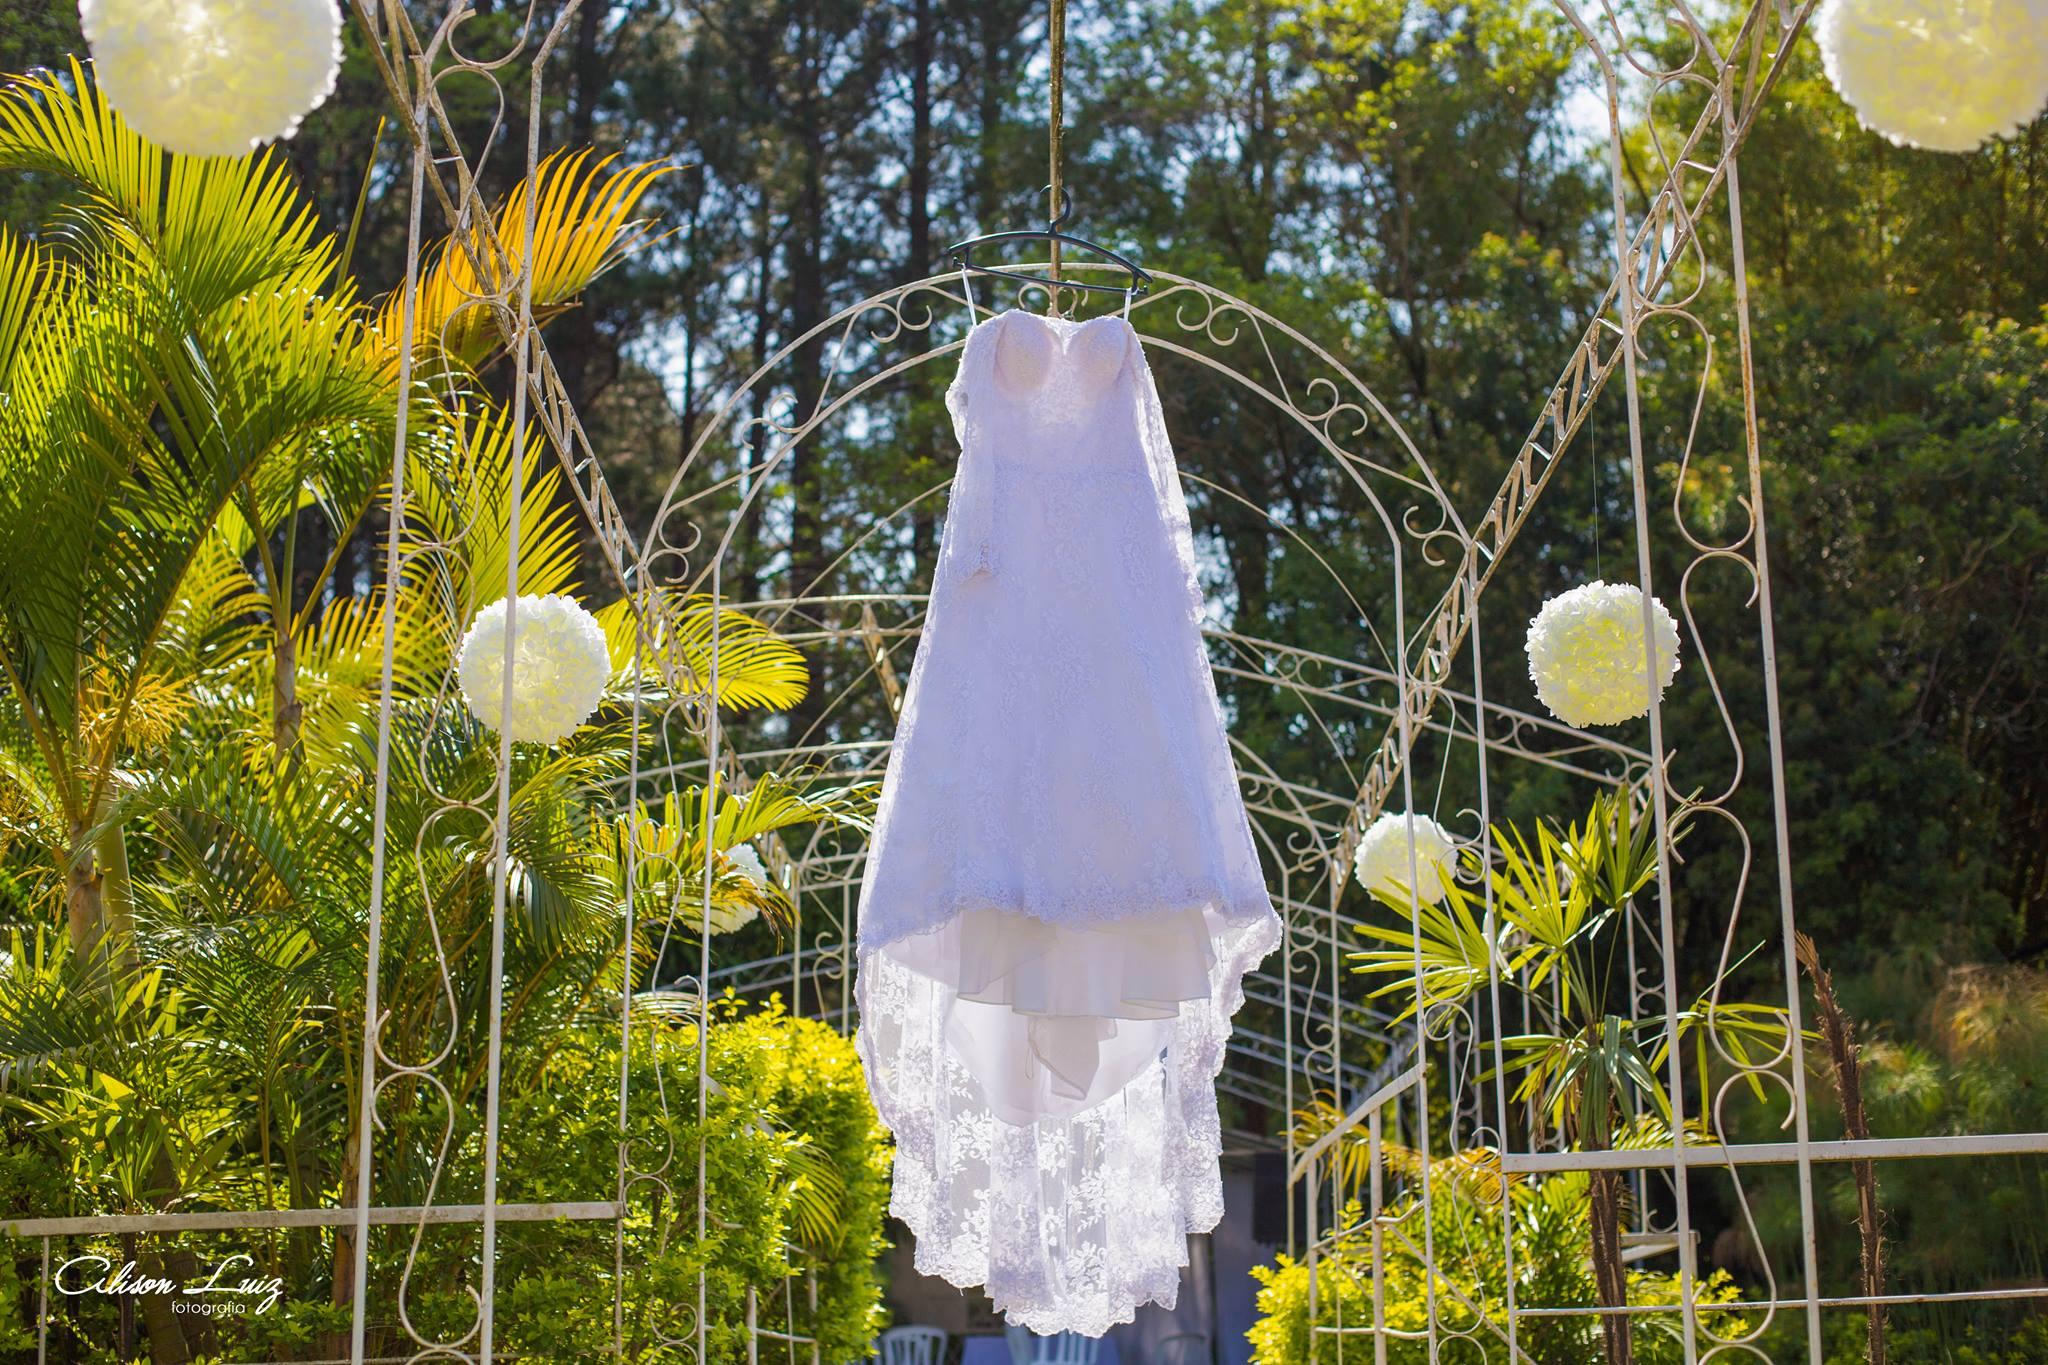 Fotógrafo evangélico registra casamento umbandista e faz lindo relato do que viu 18